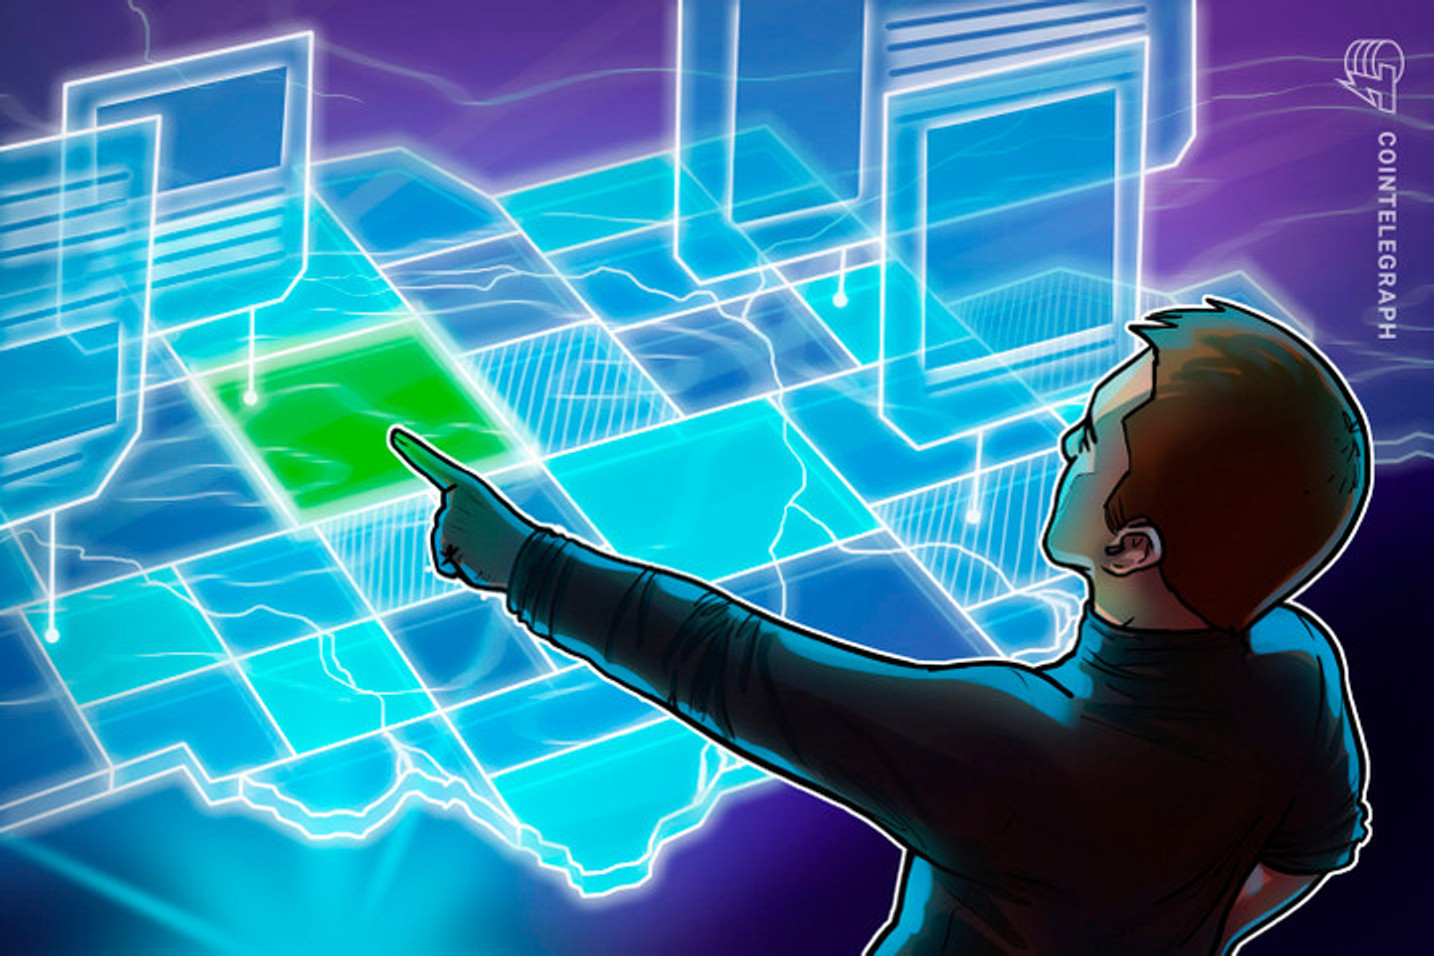 Governo do Estado do Espírito Santo está em busca de desenvolvedores com conhecimento em blockchain